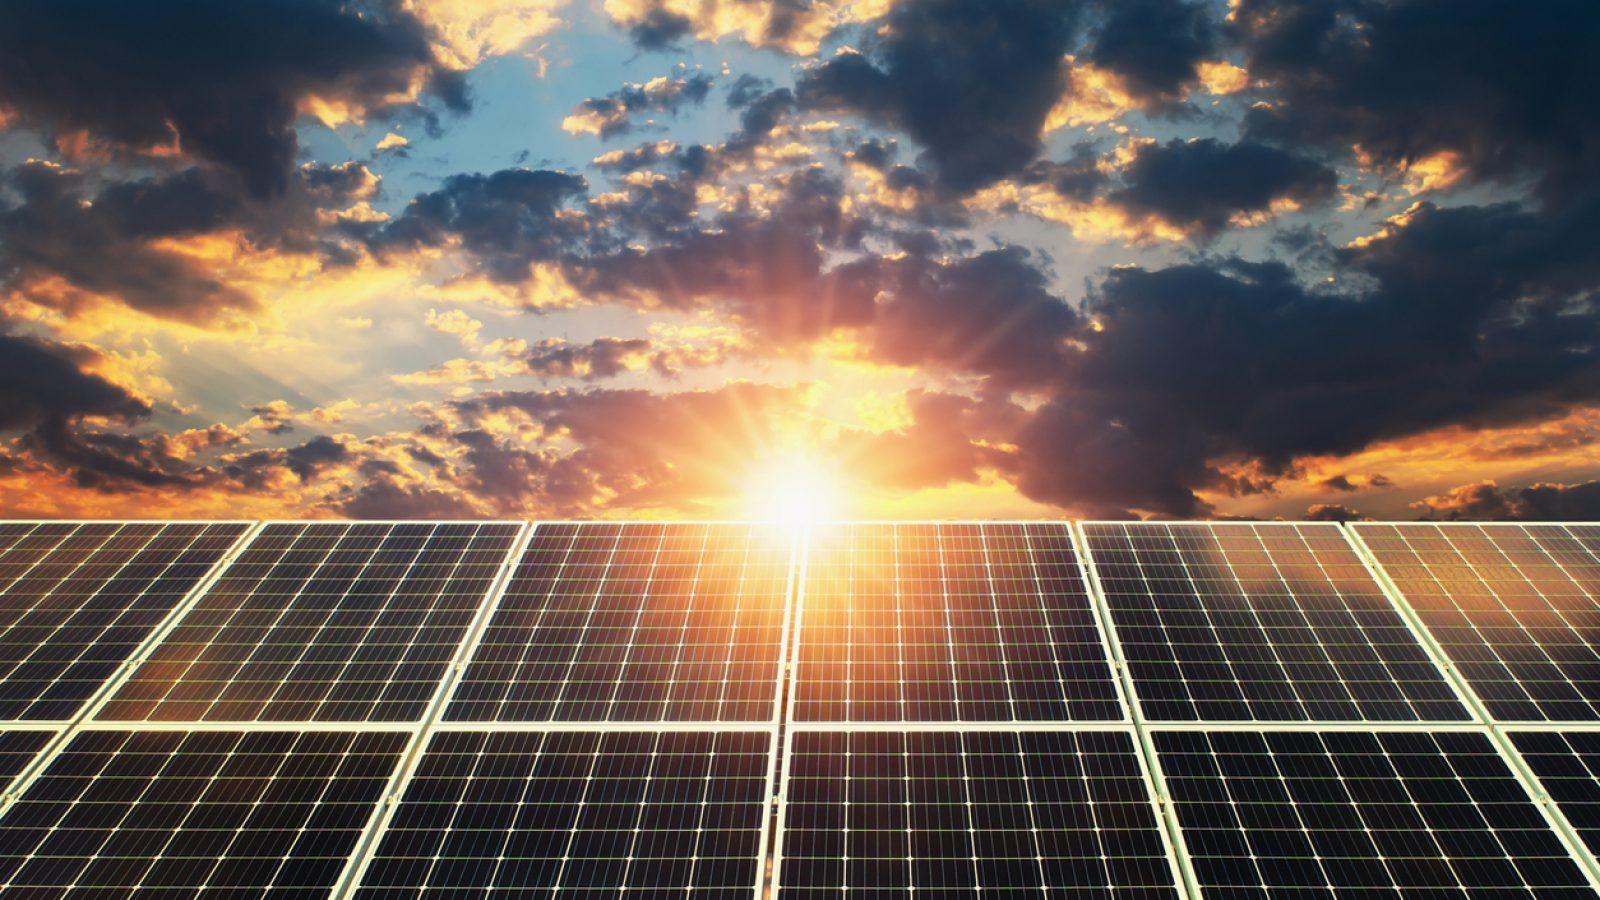 ΑΠΕ: Νομοσχέδιο-σκούπα για την αλλαγή του ενεργειακού μείγματος – Ολες οι ρυθμίσεις